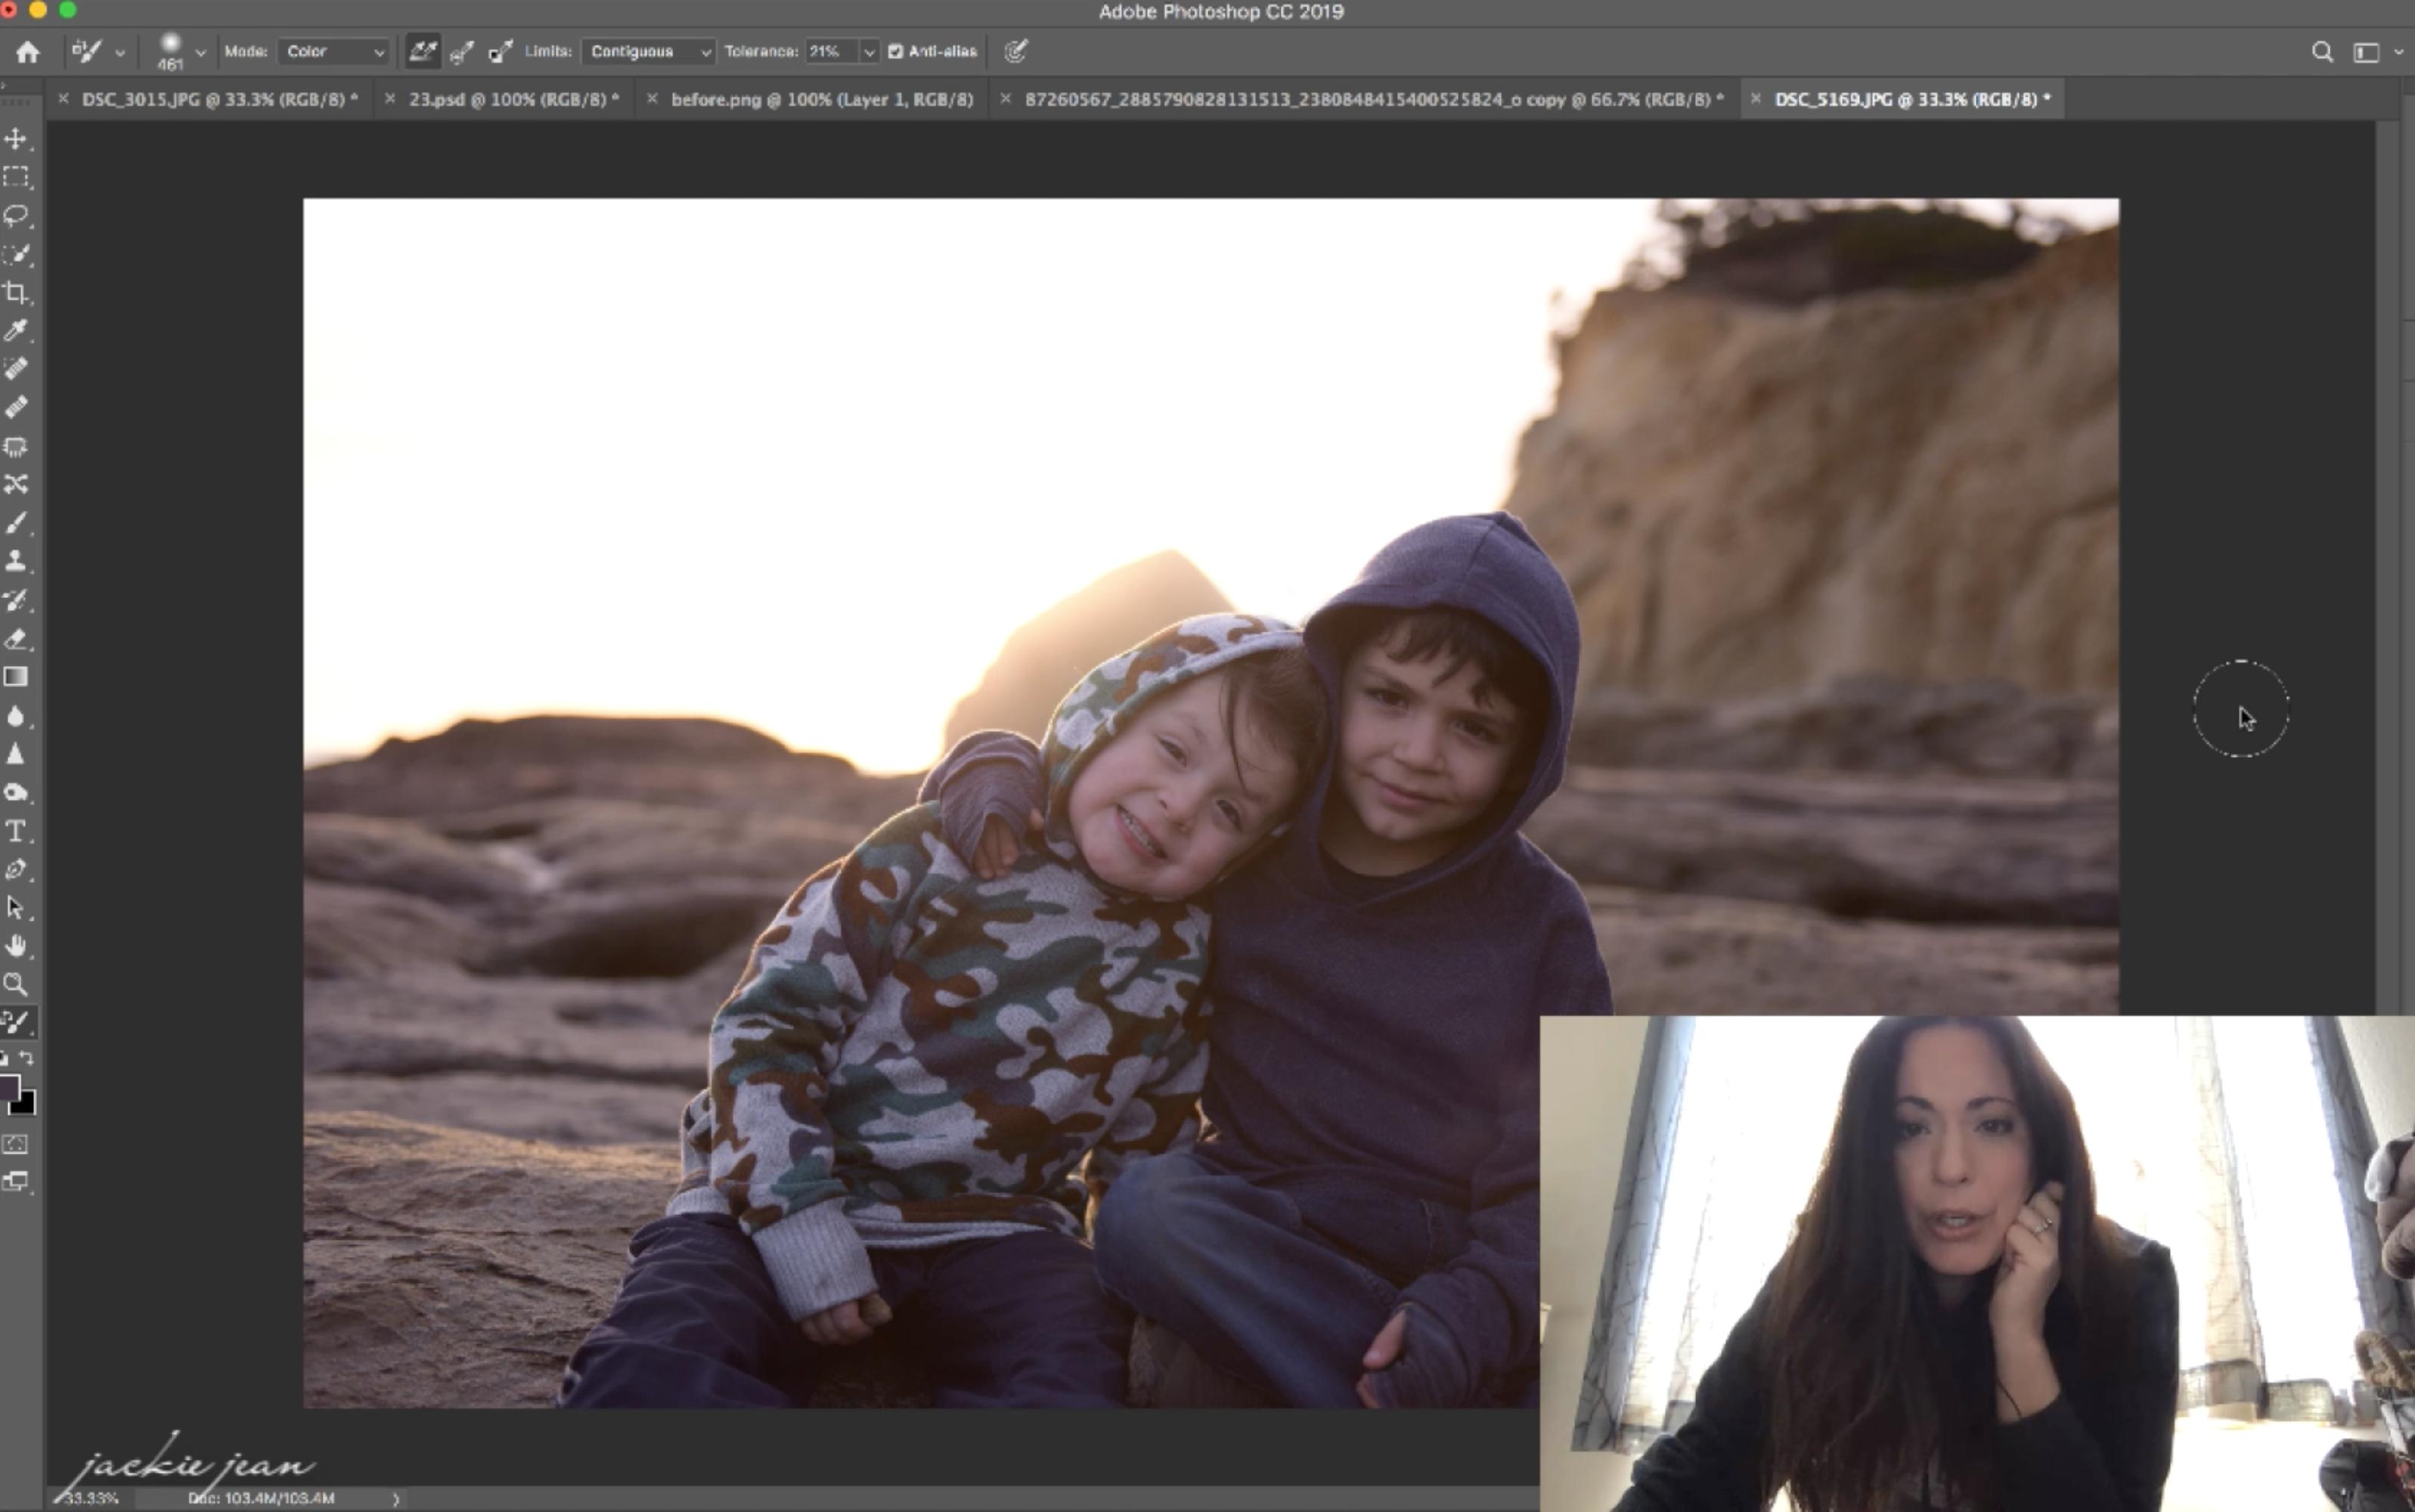 Add Background Blur in Photoshop